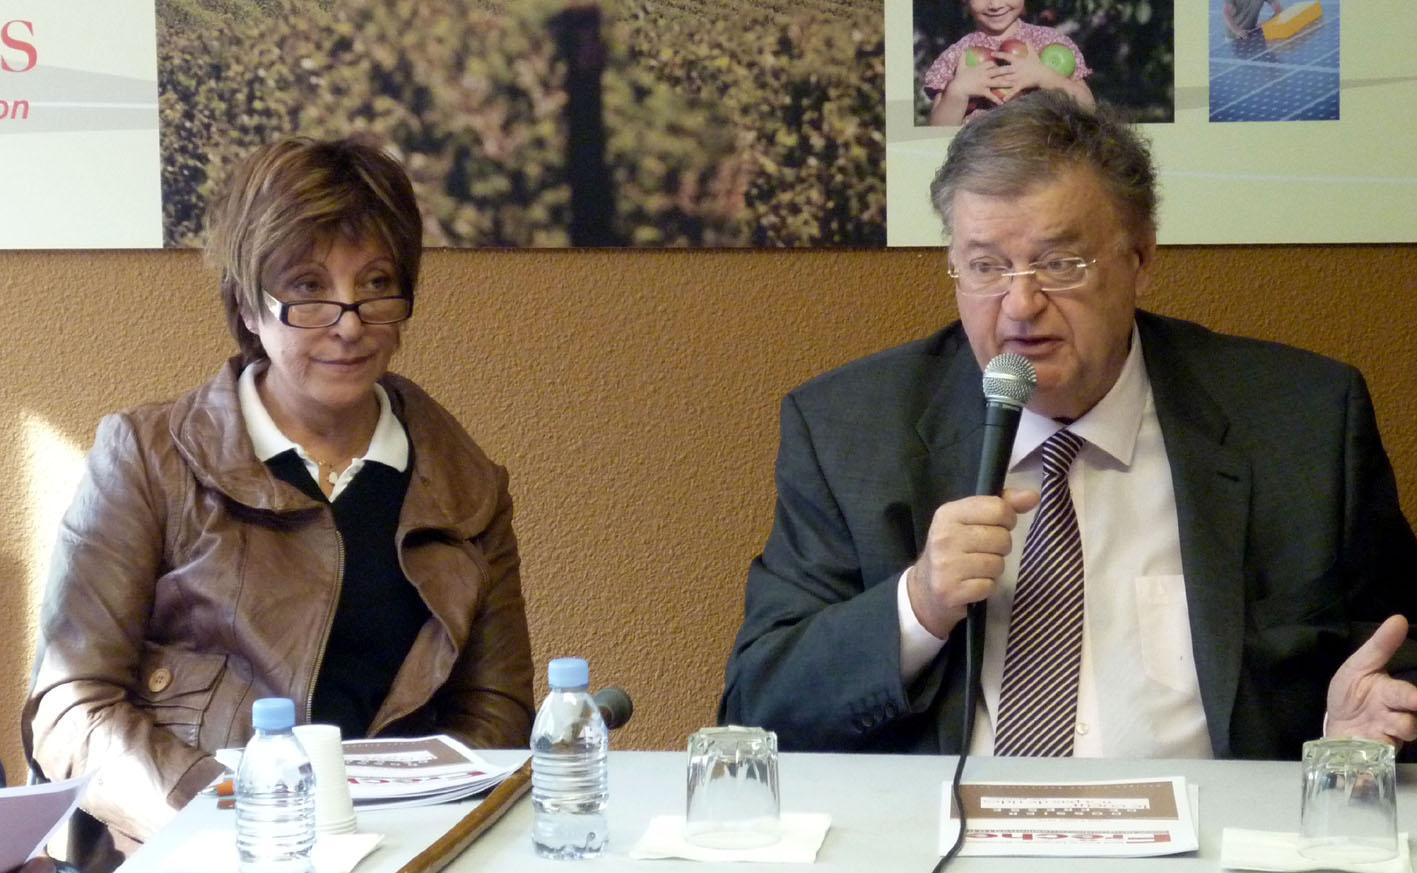 Josianne Collerais et Georges Frêche le 2 mars 2010 à Montpellier (photo : Mj)